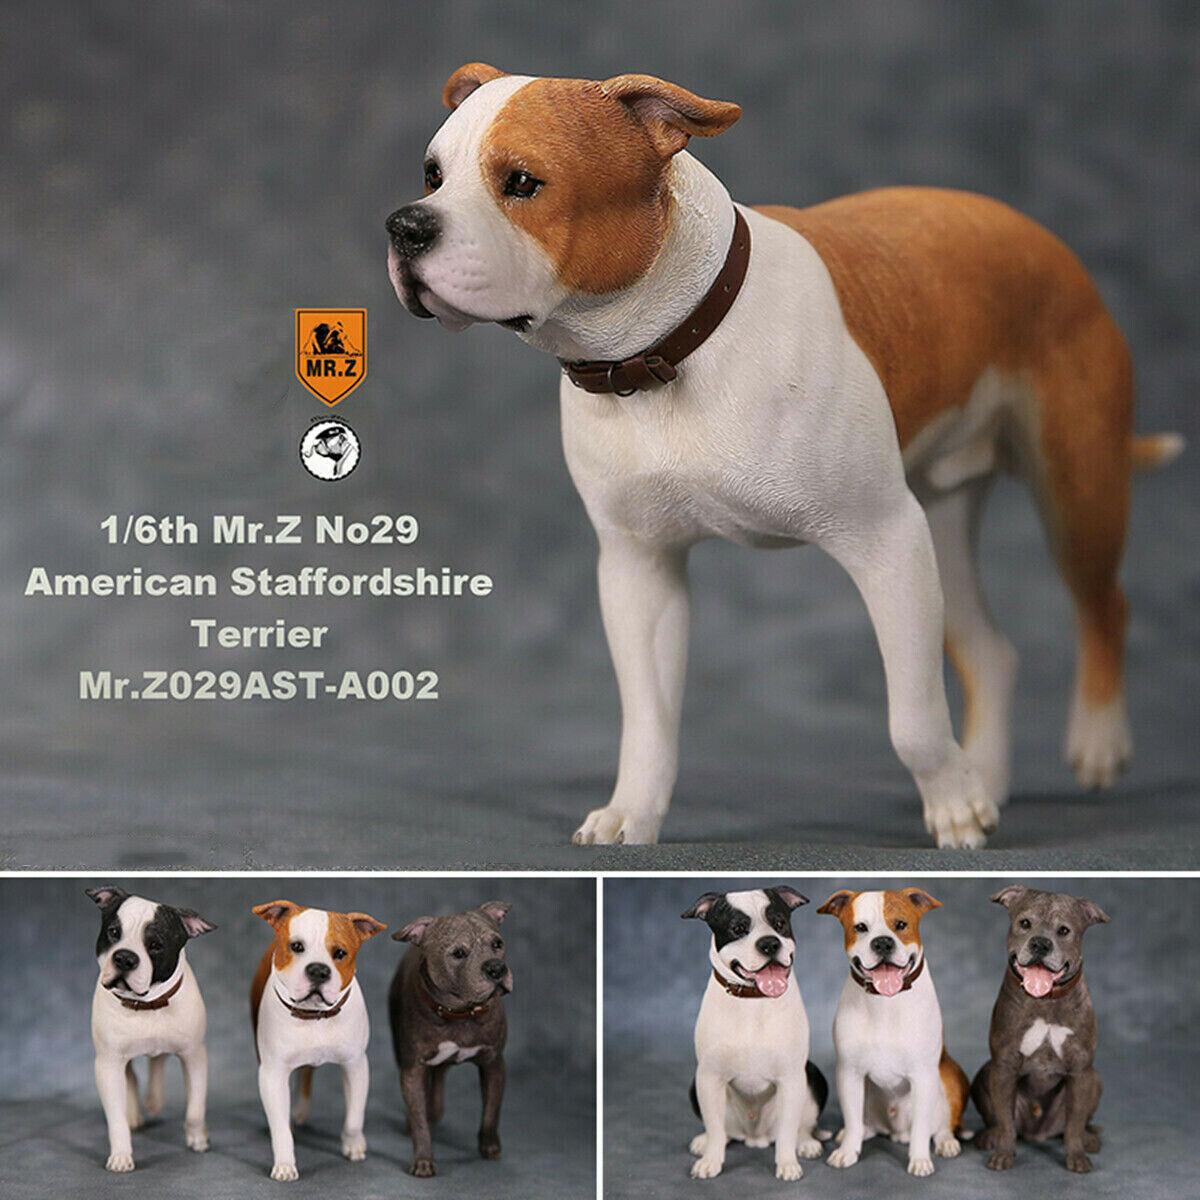 Figuras de acción de D. Z, colección de mascotas de los American Staffordshire Terrier 1/6, decoración para animales, modelo regalo para soldado de 1/6